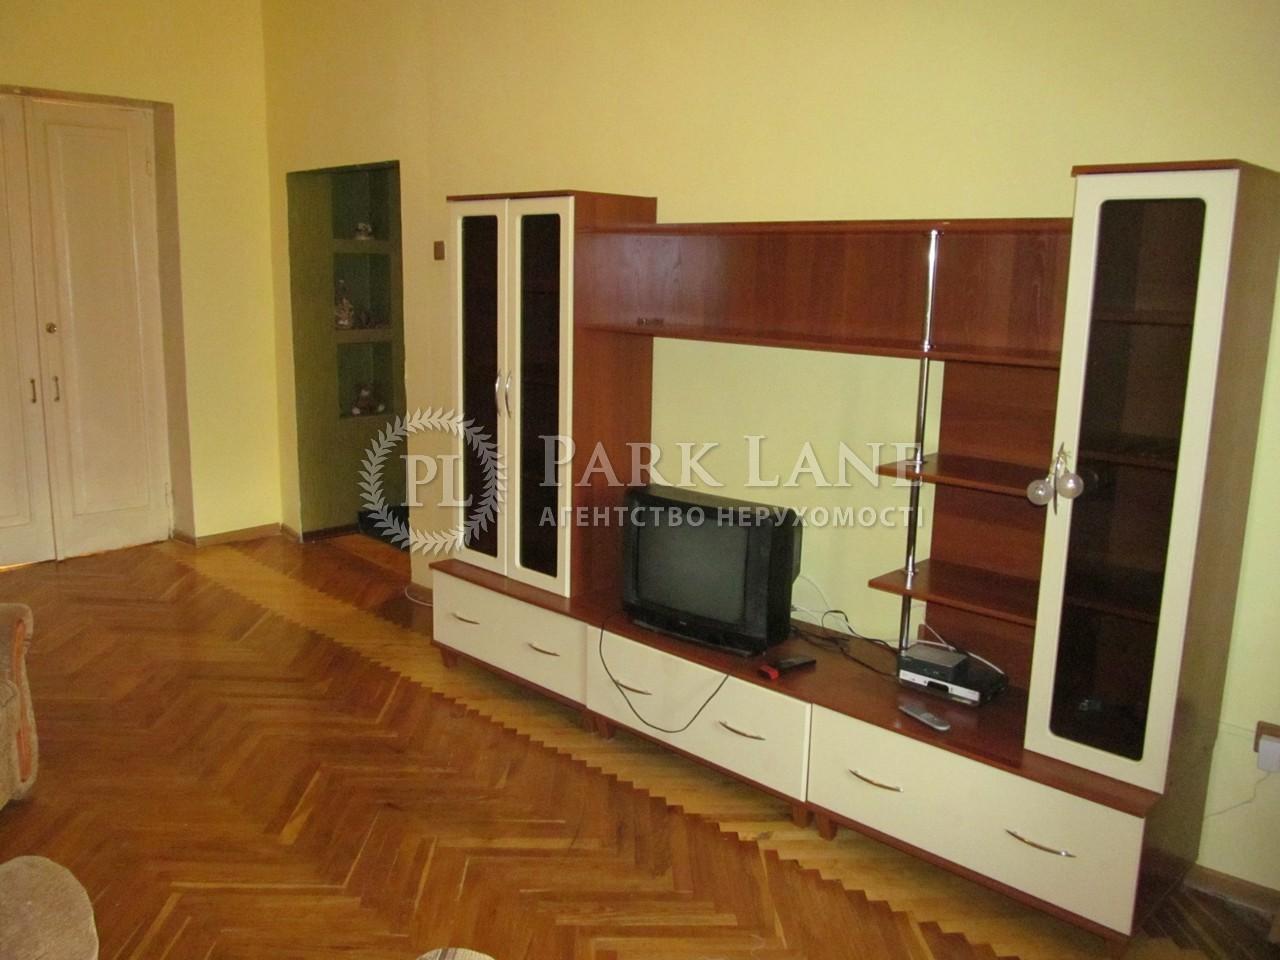 Квартира C-93367, Шелковичная, 38, Киев - Фото 6